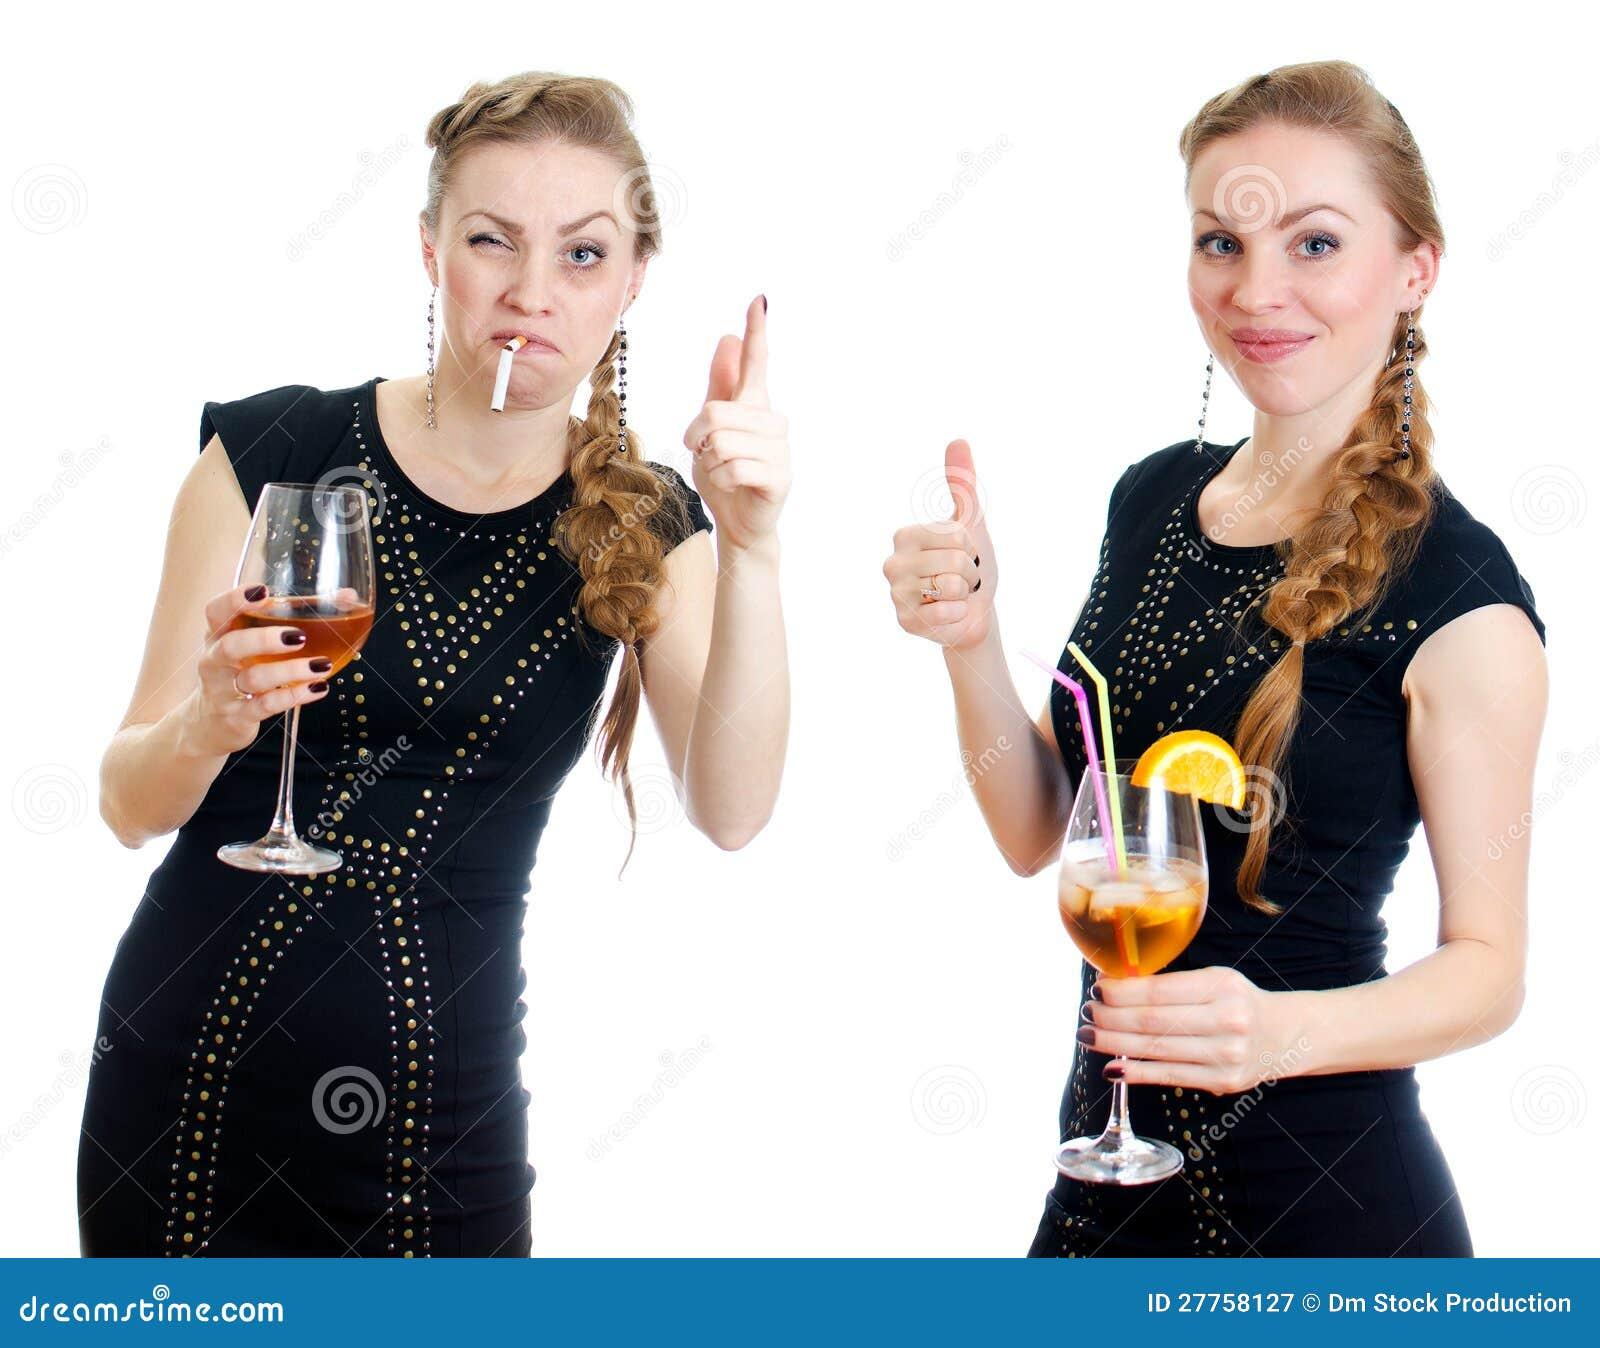 La différence entre la femme ivre et sobre.